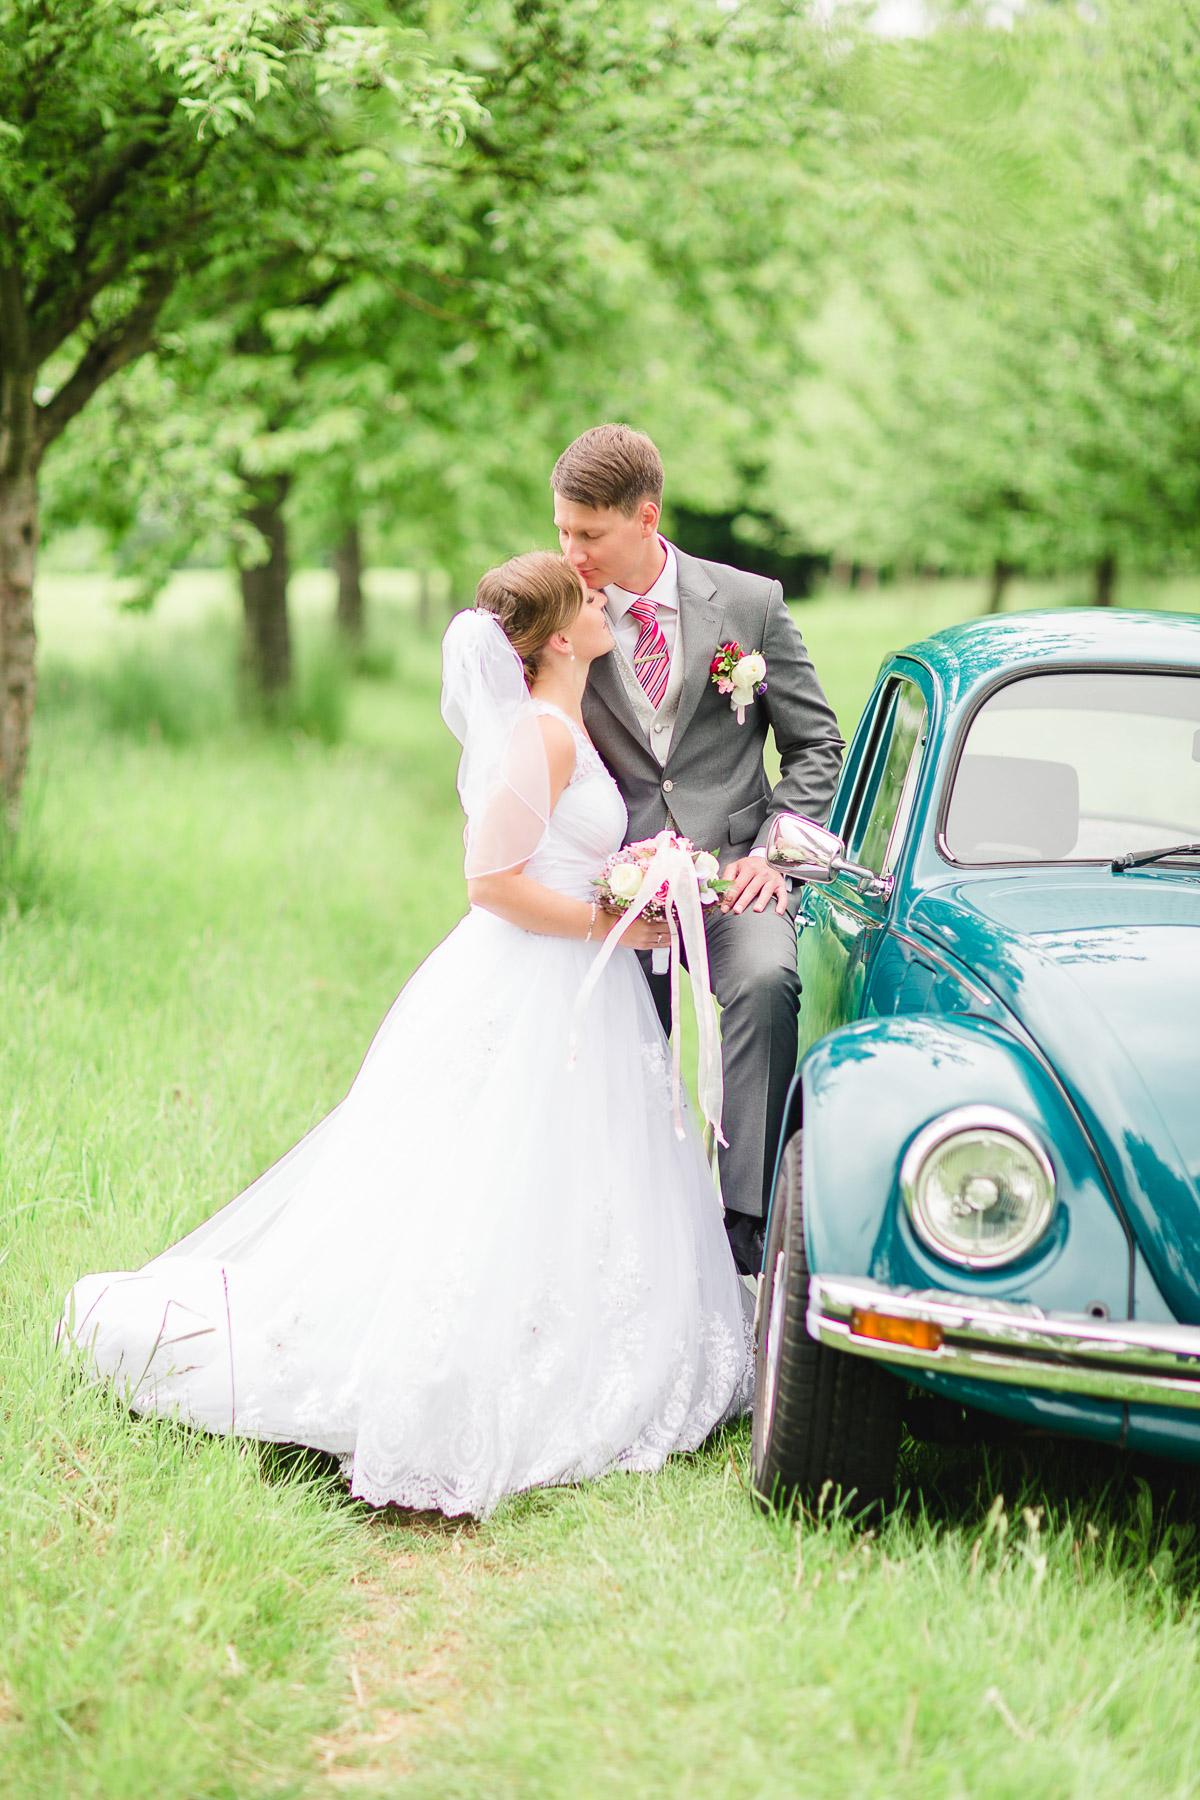 Hochzeitsfotograf-Herford-05-15-36